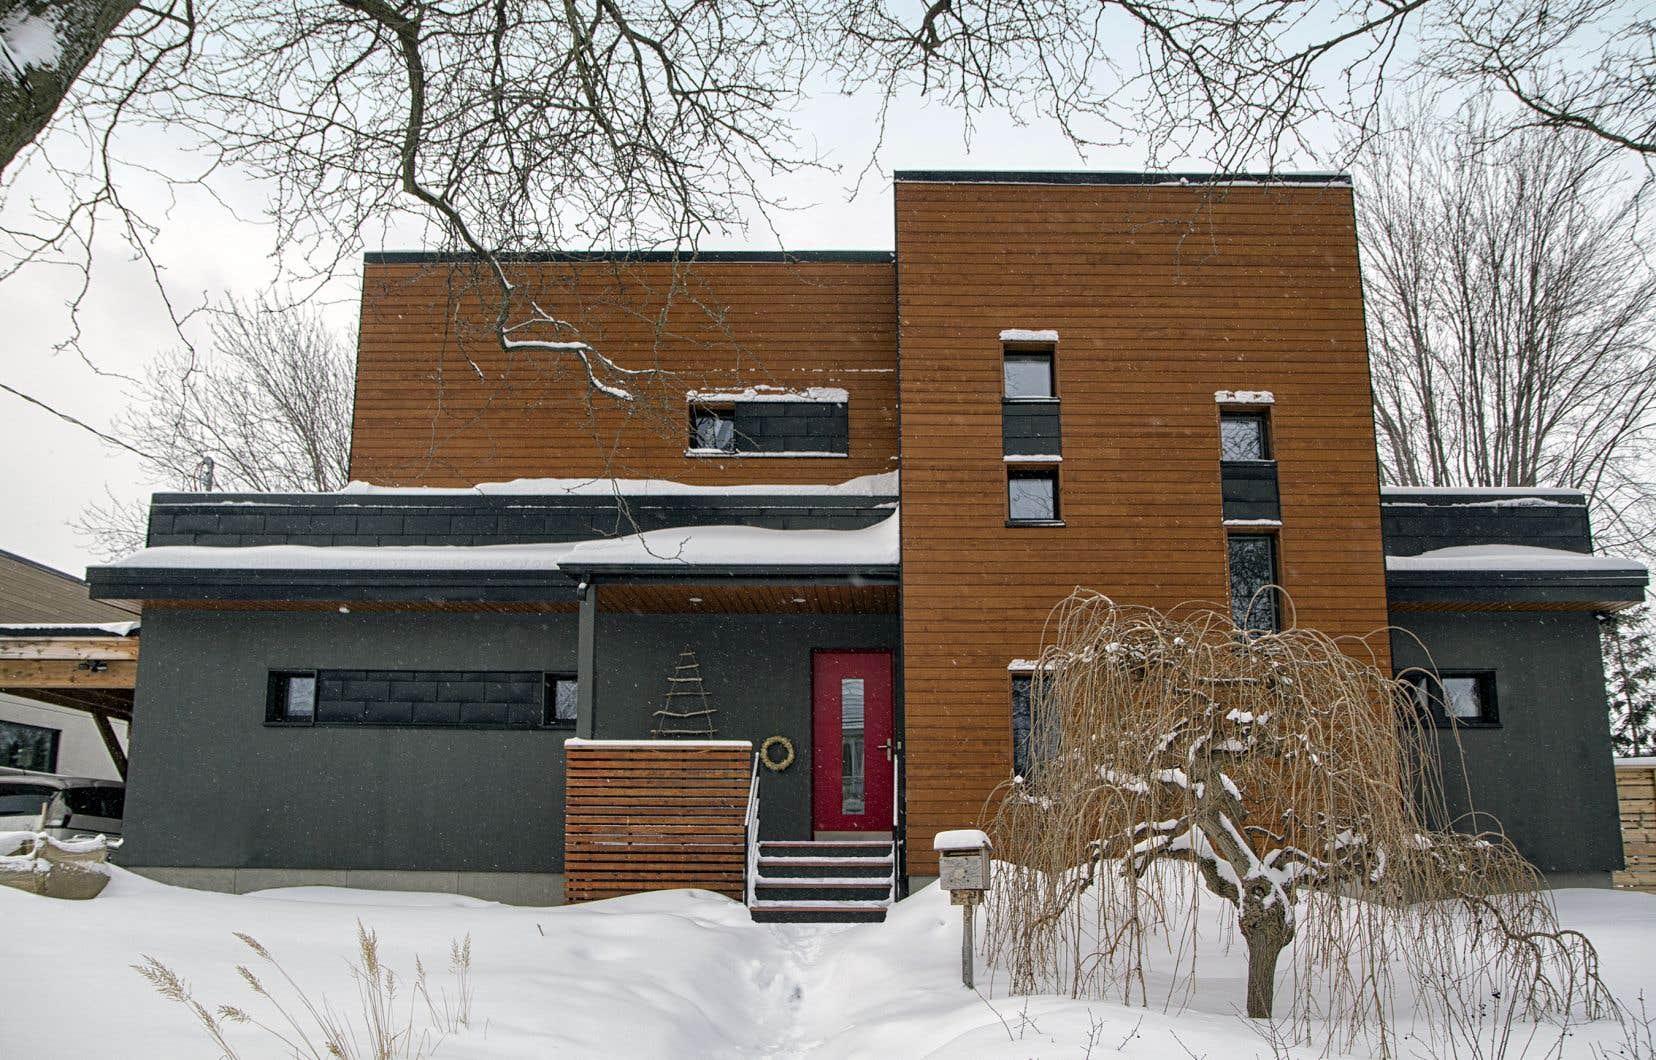 Avant de devenir la maison Ozalée, l'habitation de Damien et Déborah était un bungalow des années 1950 en piètre état.